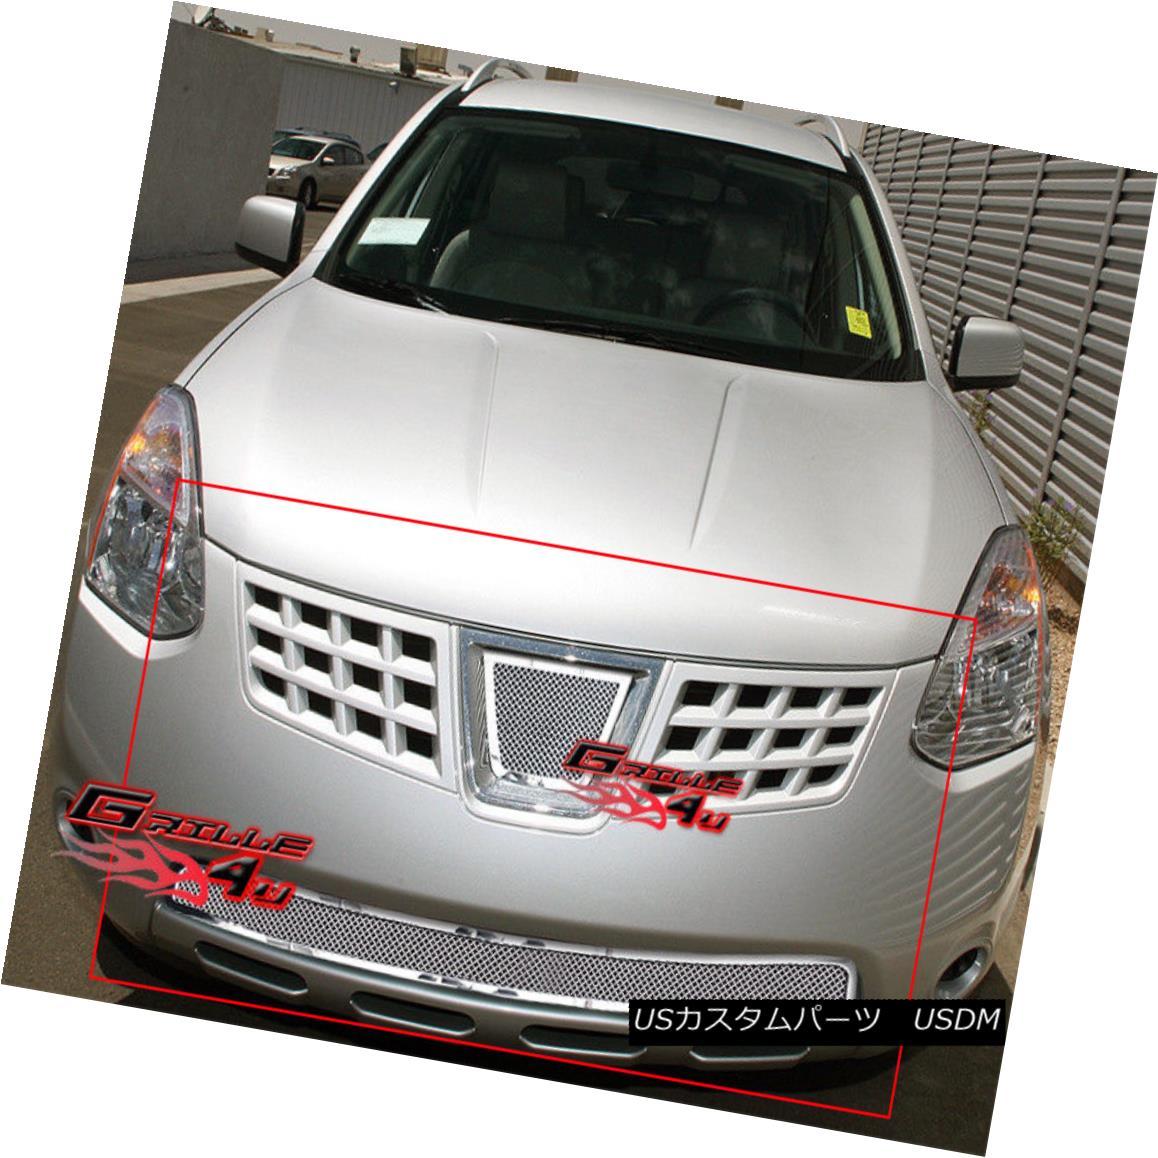 グリル Fits 08-10 Nissan Rogue Stainless Steel Mesh Grille Insert フィット08-10日産ローグステンレスメッシュグリルインサート